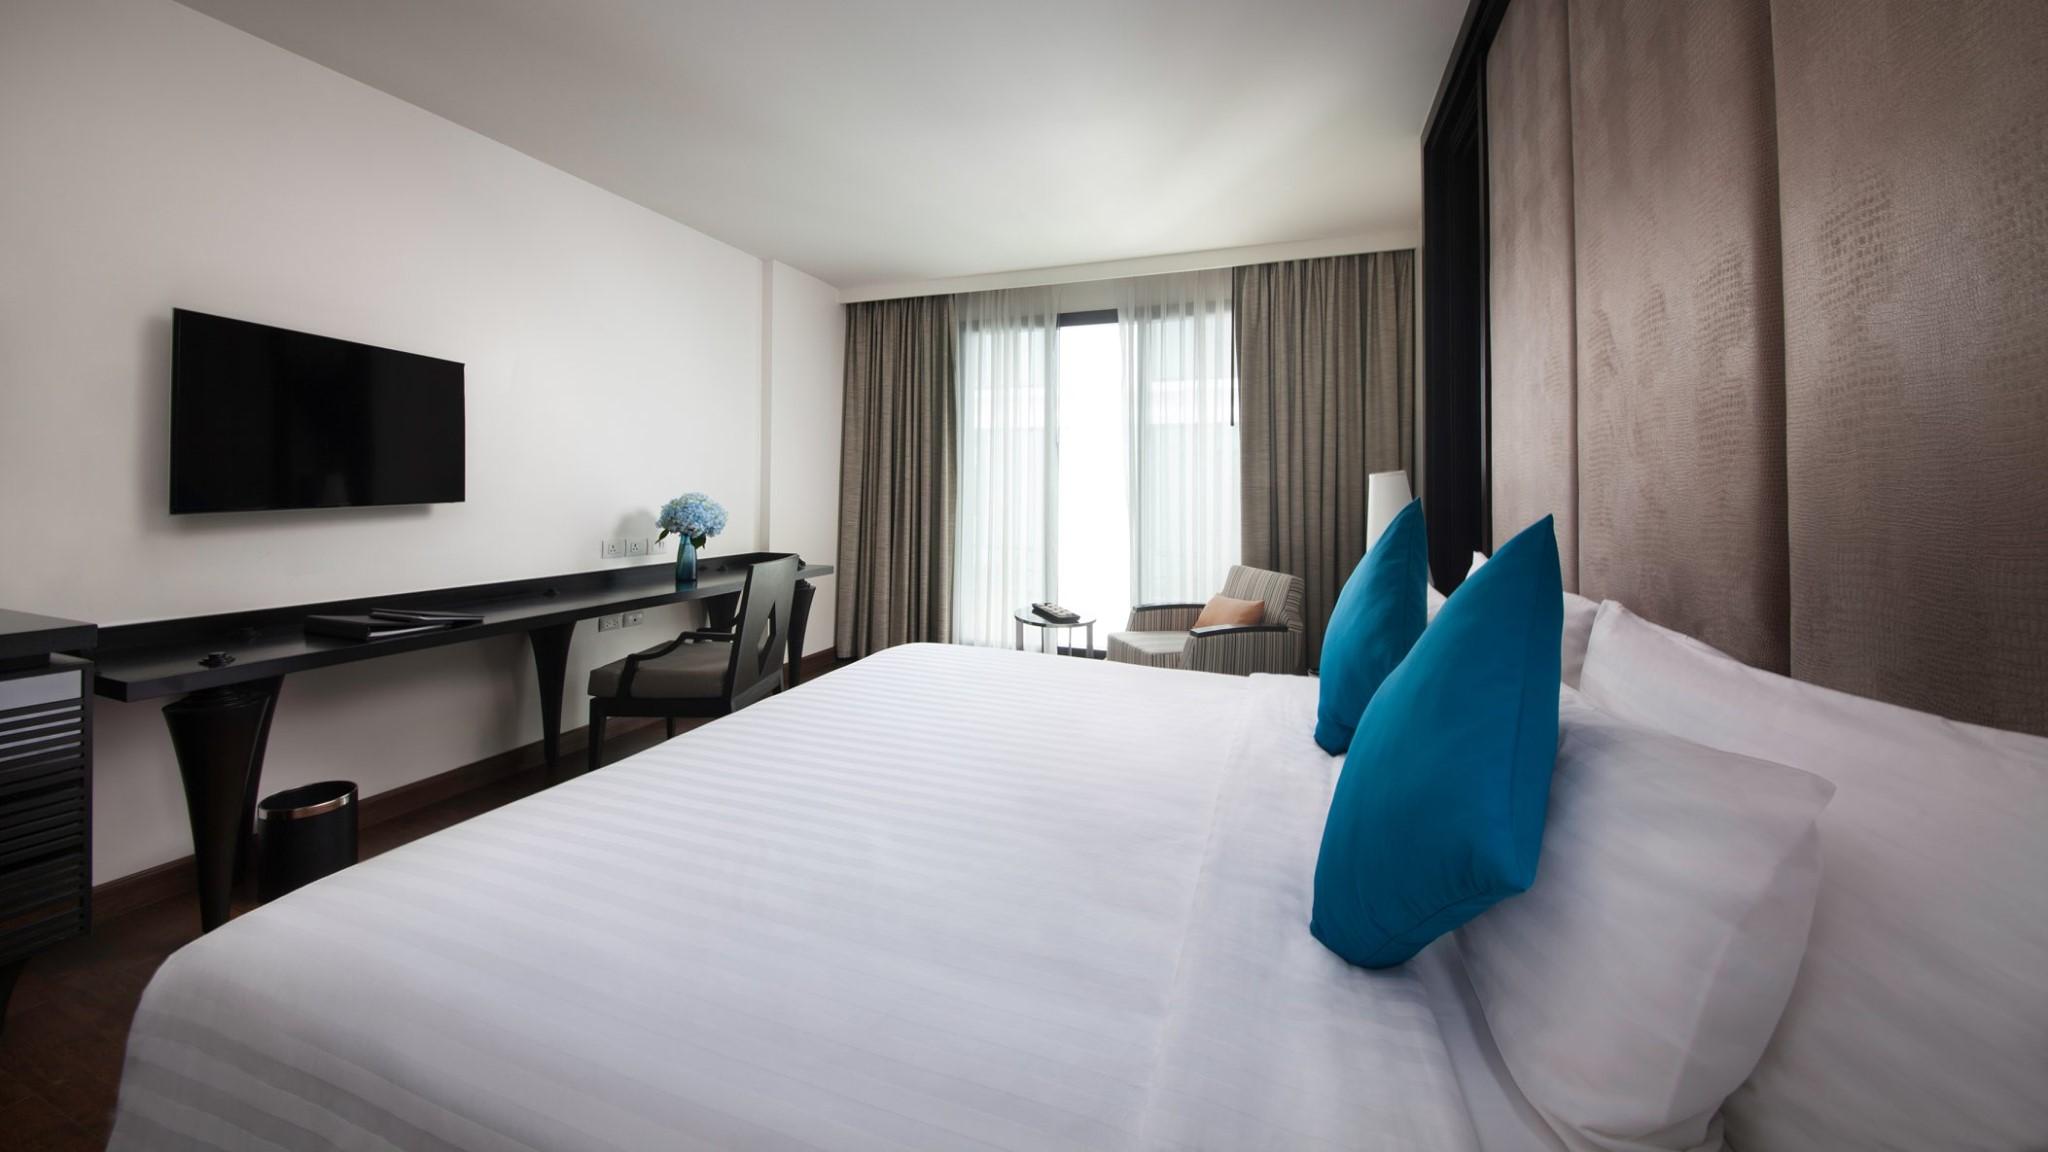 โรงแรมเมอเวนพิค สุขุมวิท 15 กรุงเทพ (Movenpick Hotel Sukhumvit 15 Bangkok)